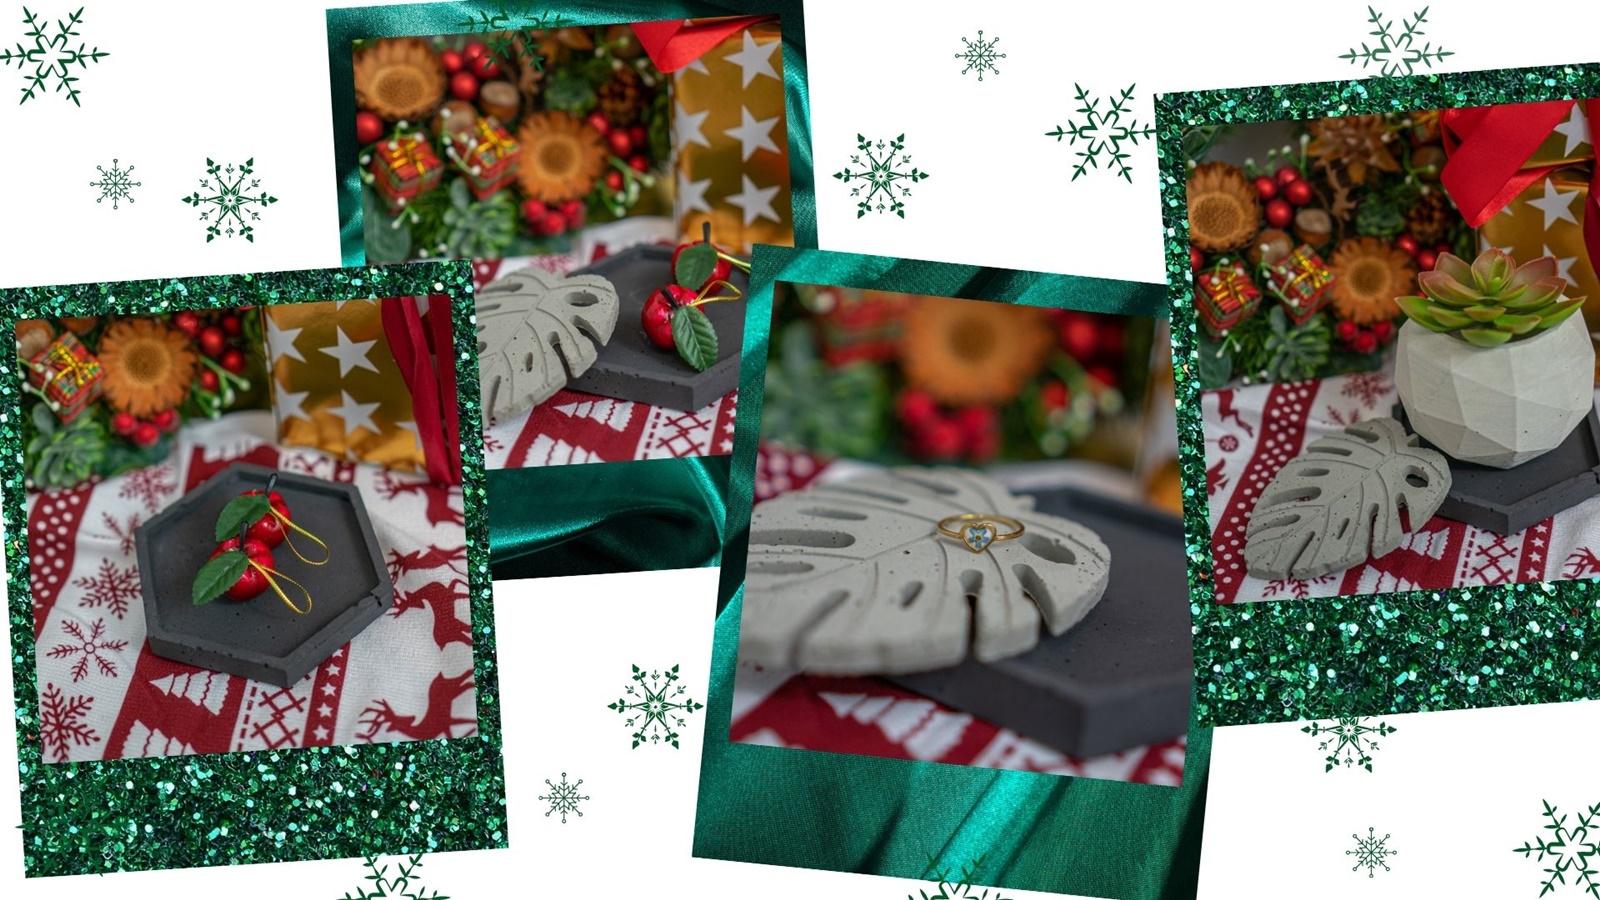 betonowe podkładki na bizuterię do zdjęć dodatki handmade pomysły na prezenty z okazji gwiazdki niebanalne niepowtarzalne ciekawe inne diy osłonki na kwiaty